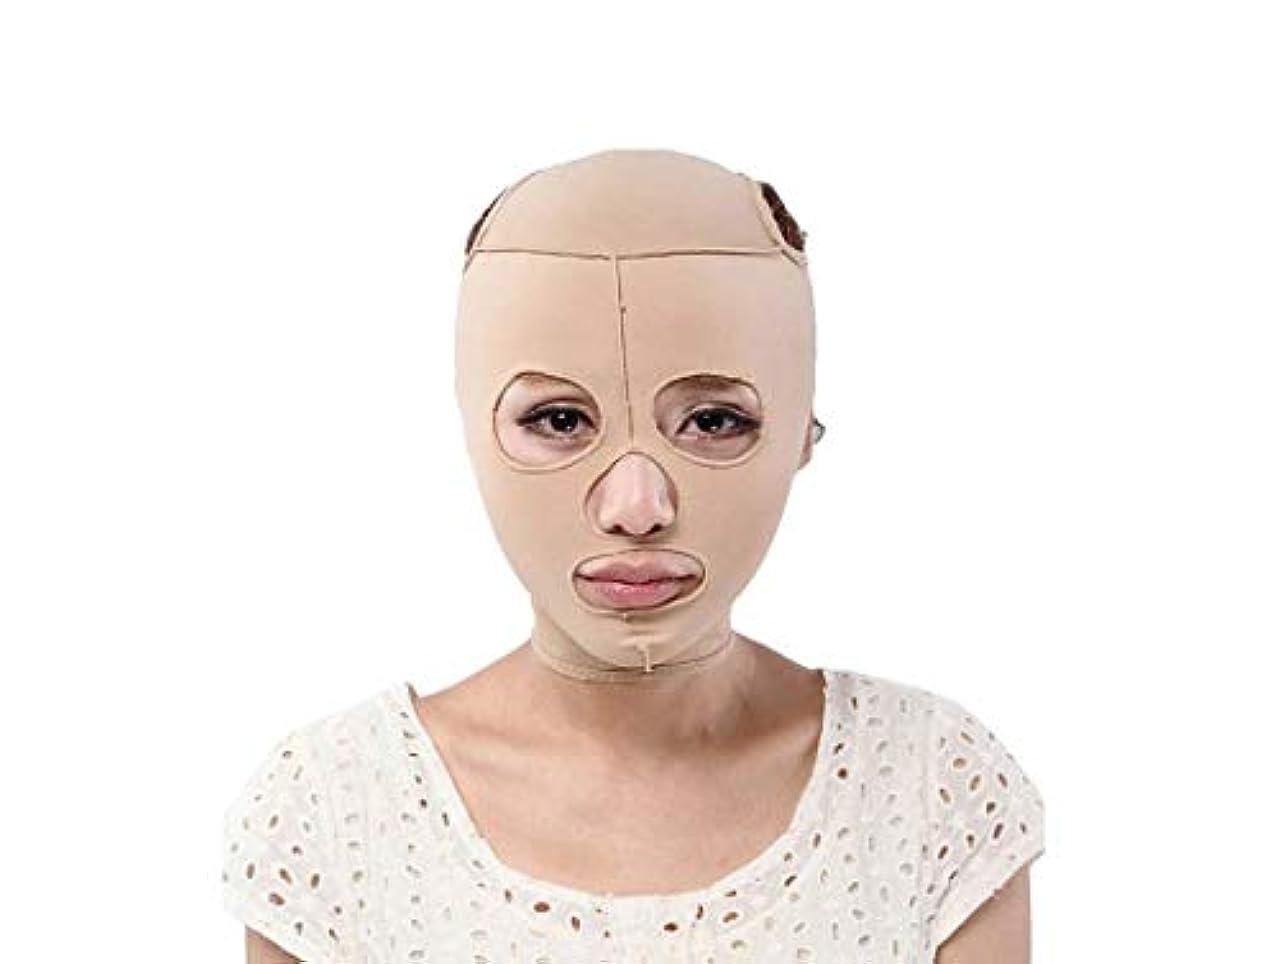 痩身ベルト、フェイスマスクシンフェイス機器リフティング引き締めVフェイス男性と女性フェイスリフティングステッカーダブルチンフェイスリフティングフェイスマスク包帯フェイシャルマッサージ(サイズ:XL)